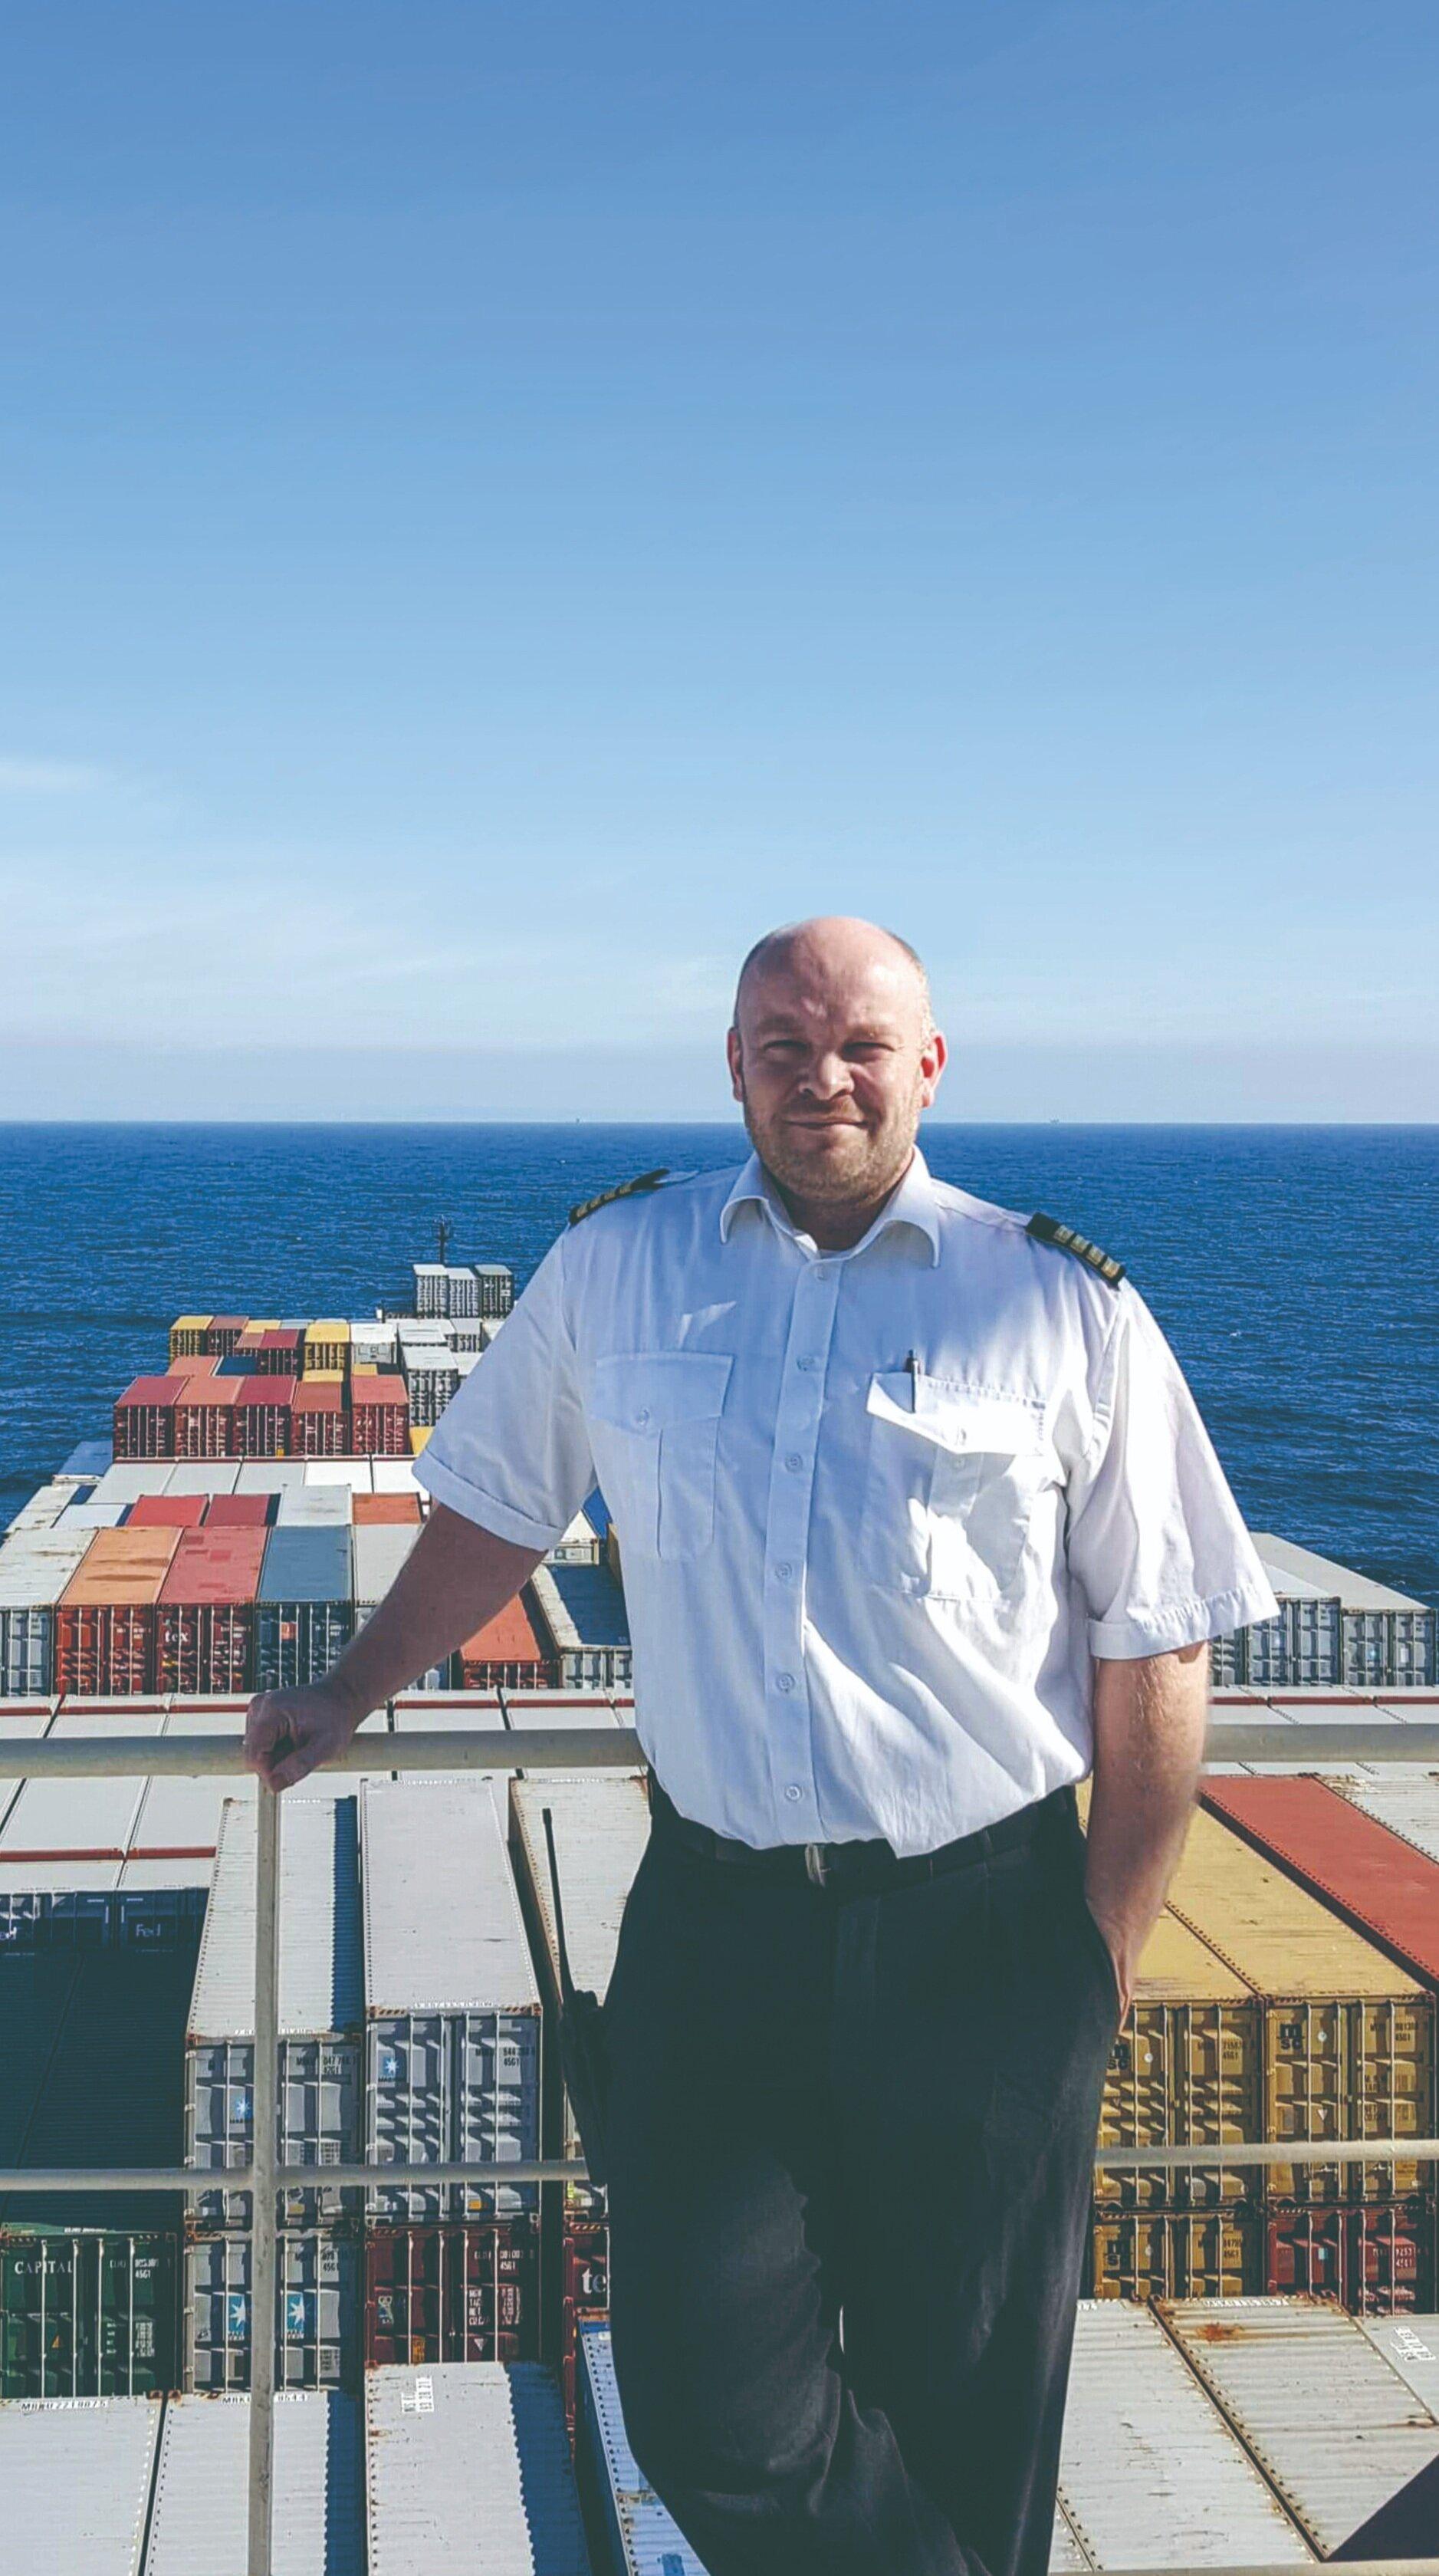 Kaptajn og mentor i Mærsk, Tommy Tjagvad Kristiansen.